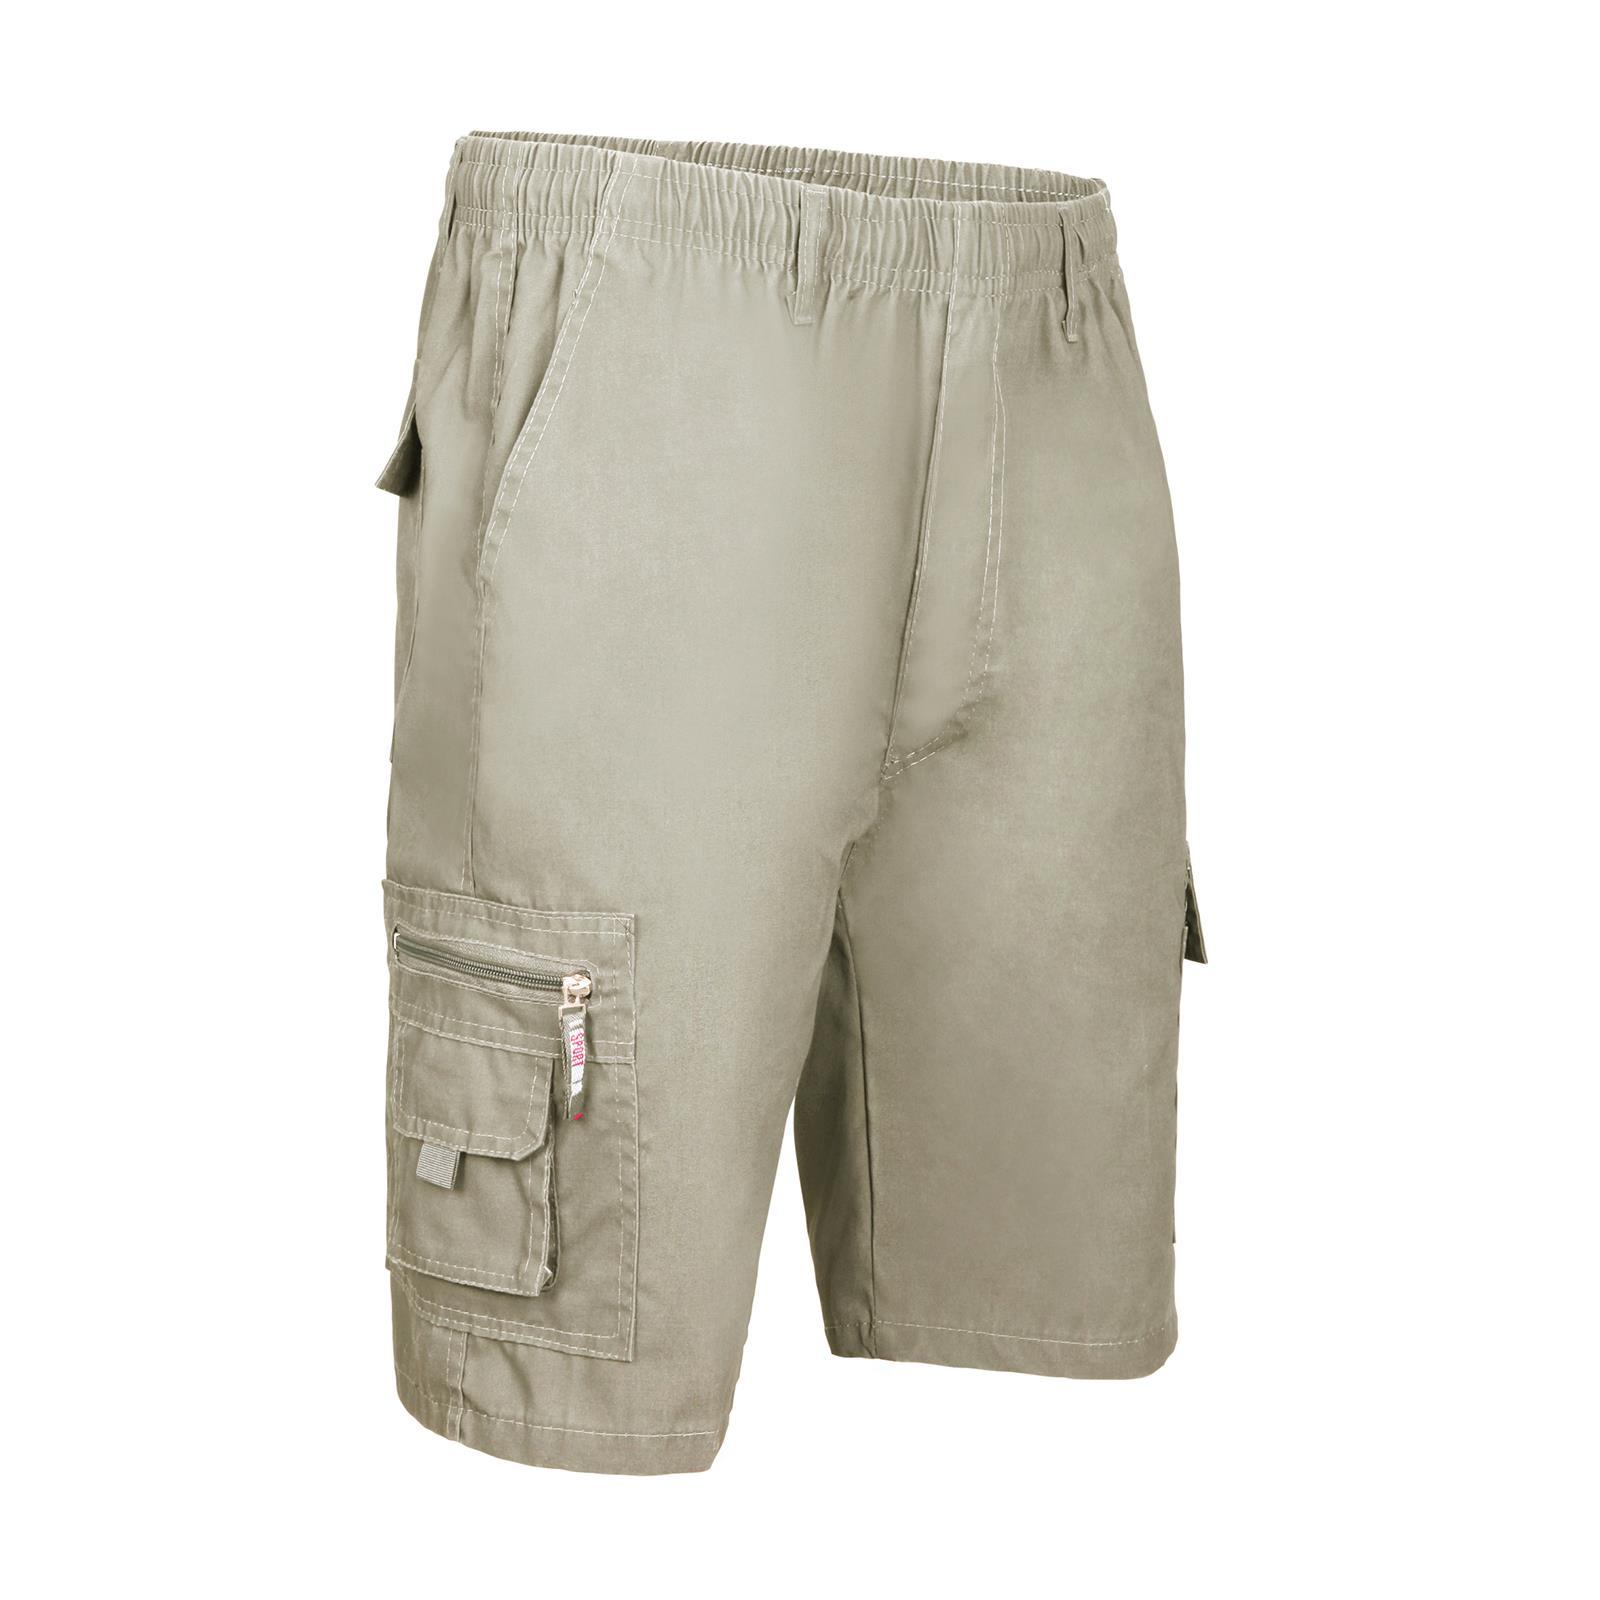 Détails sur Hommes Short Pantacourt Bermudda Uni Cargo Armée Militaire Coton Chino Capri